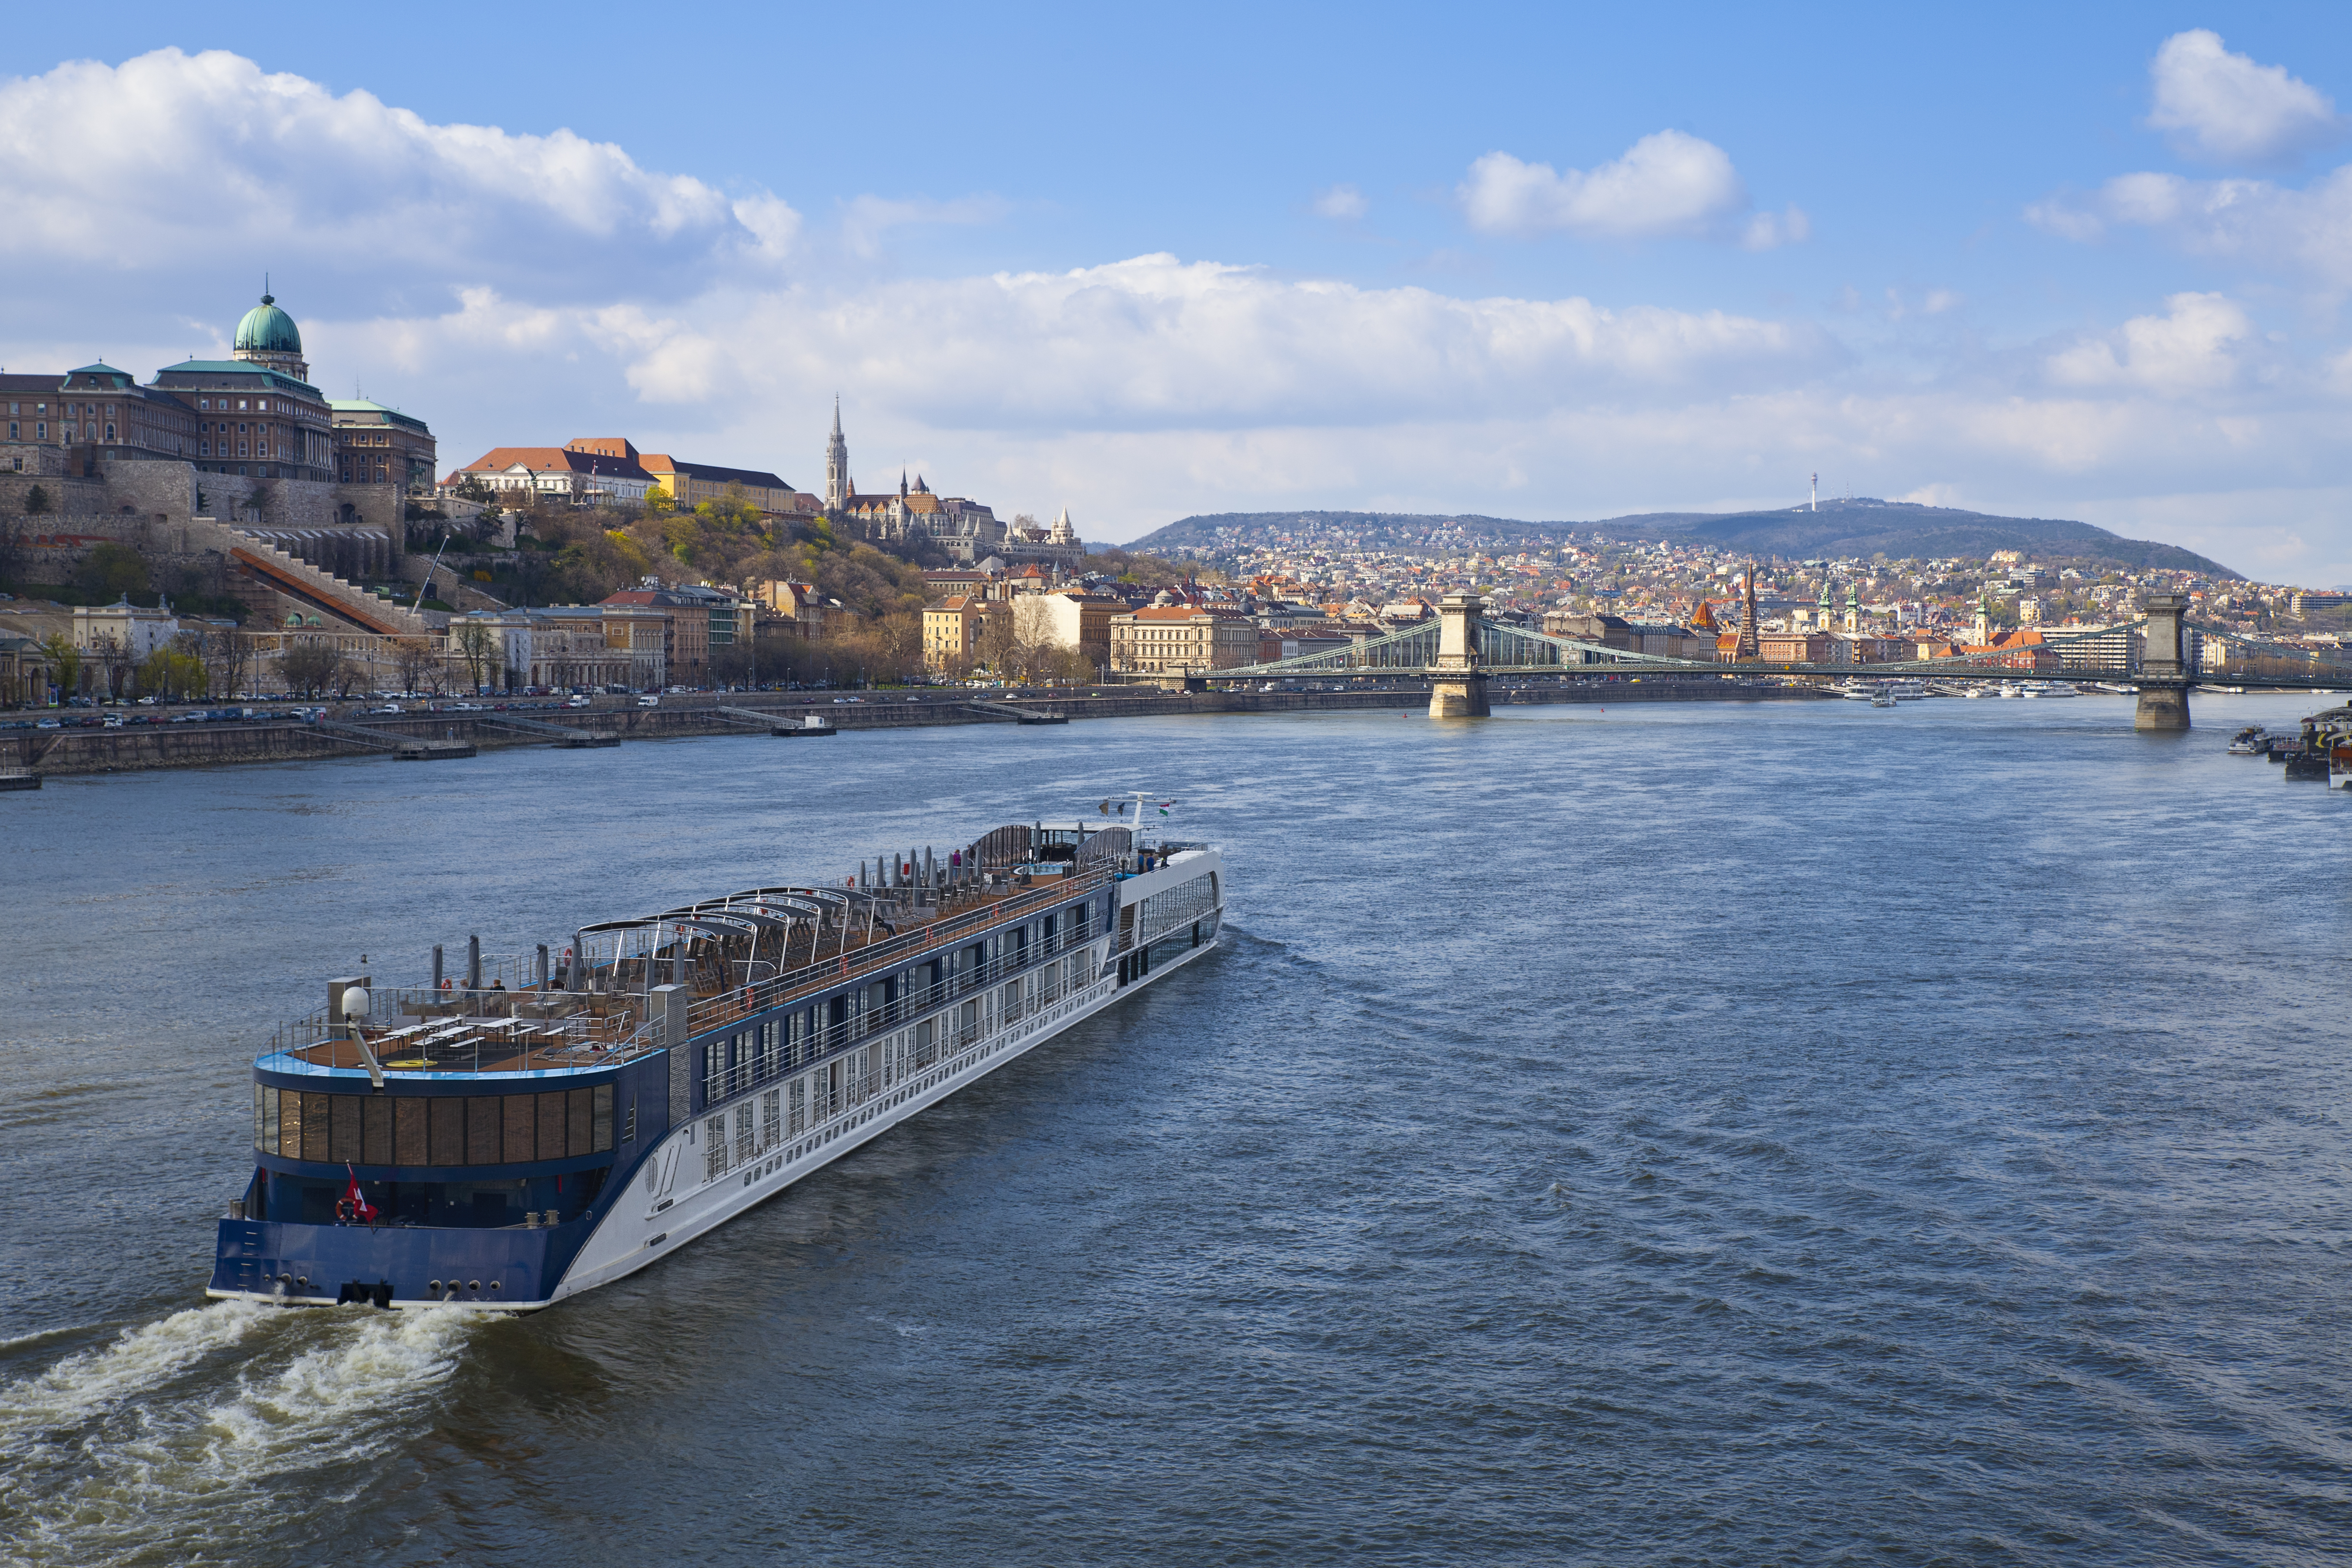 Recorriendo el río que divide Budapest en dos barrios con personalidad propia - Austria Circuito Viena y Budapest